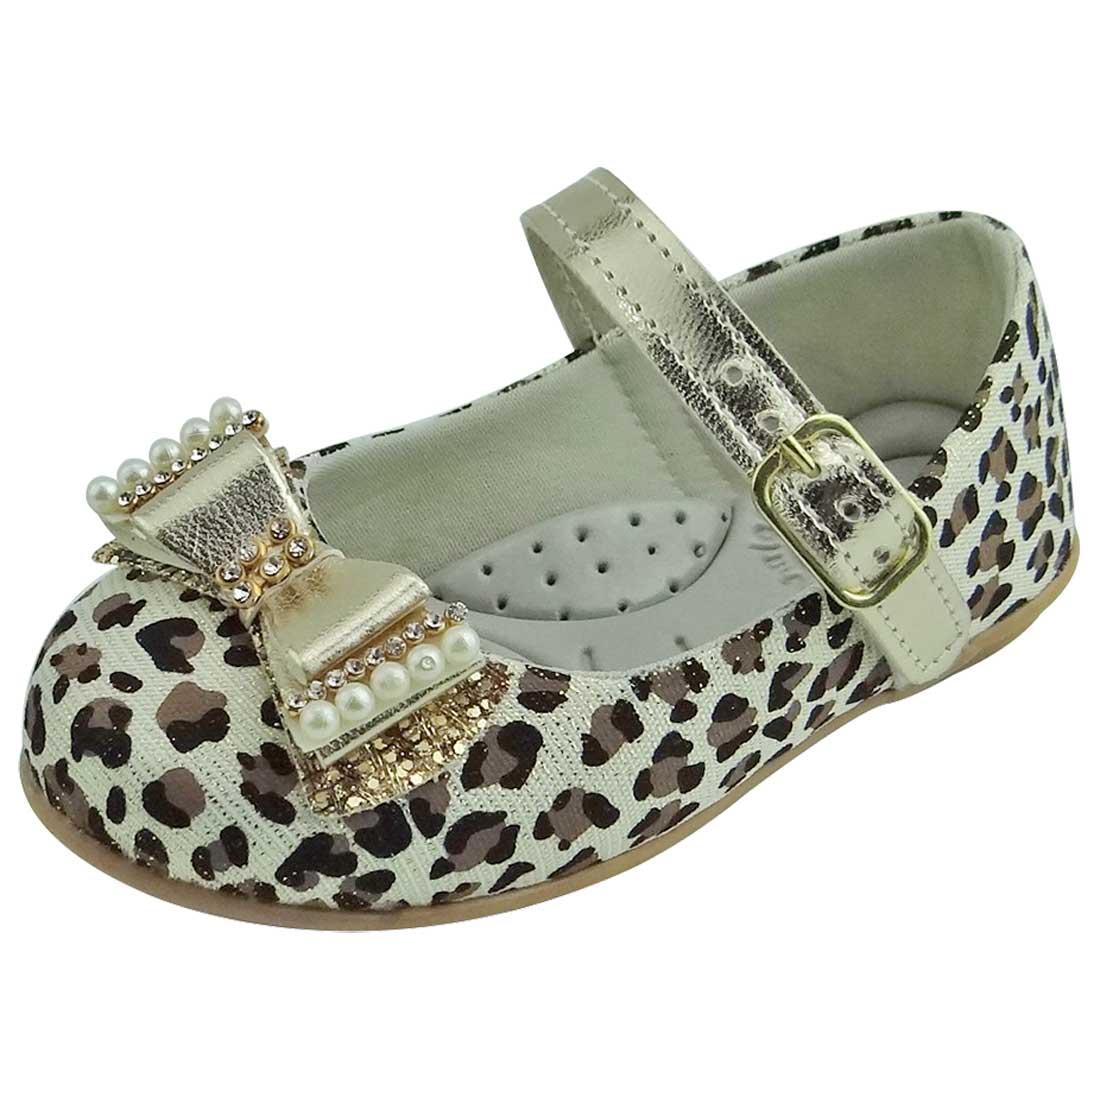 Sapato Boneca Baby com Laço, Strass e Pérola - Ouro